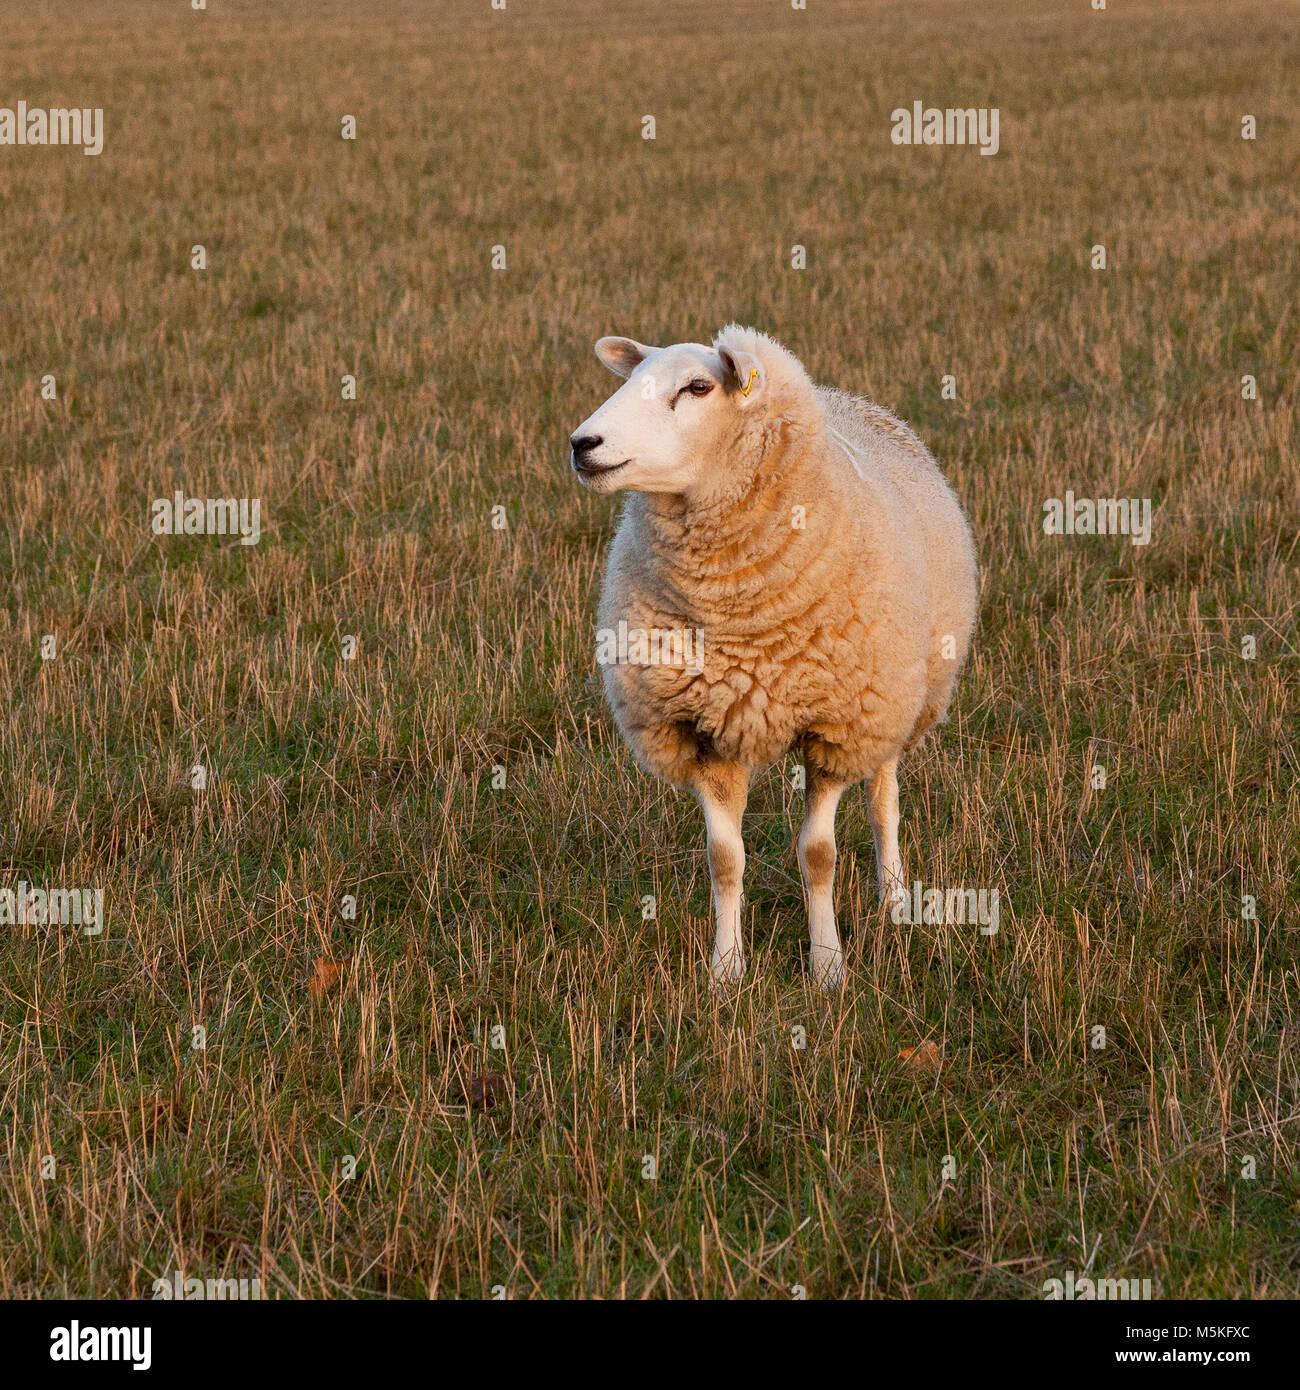 Un mouton blanc debout dans un champ d'herbe Banque D'Images